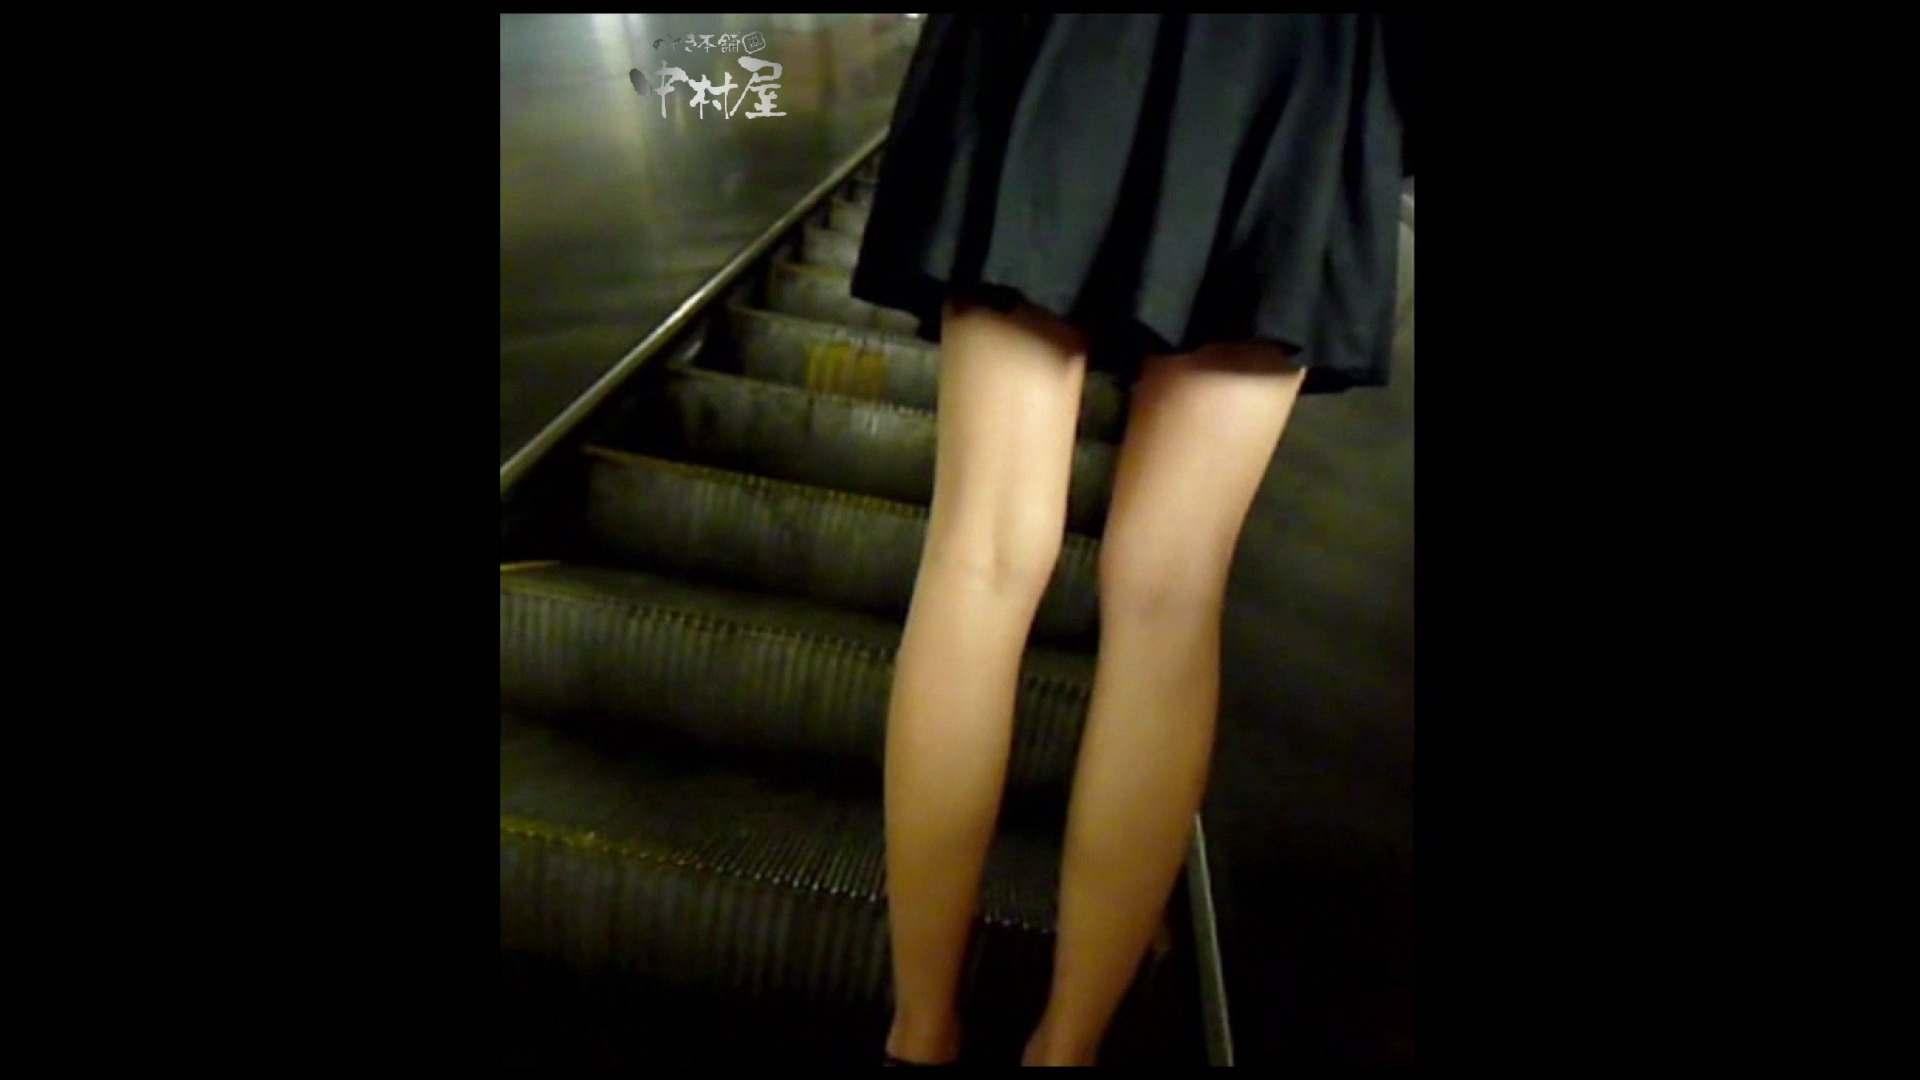 綺麗なモデルさんのスカート捲っちゃおう‼ vol30 お姉さんハメ撮り  109Pix 73